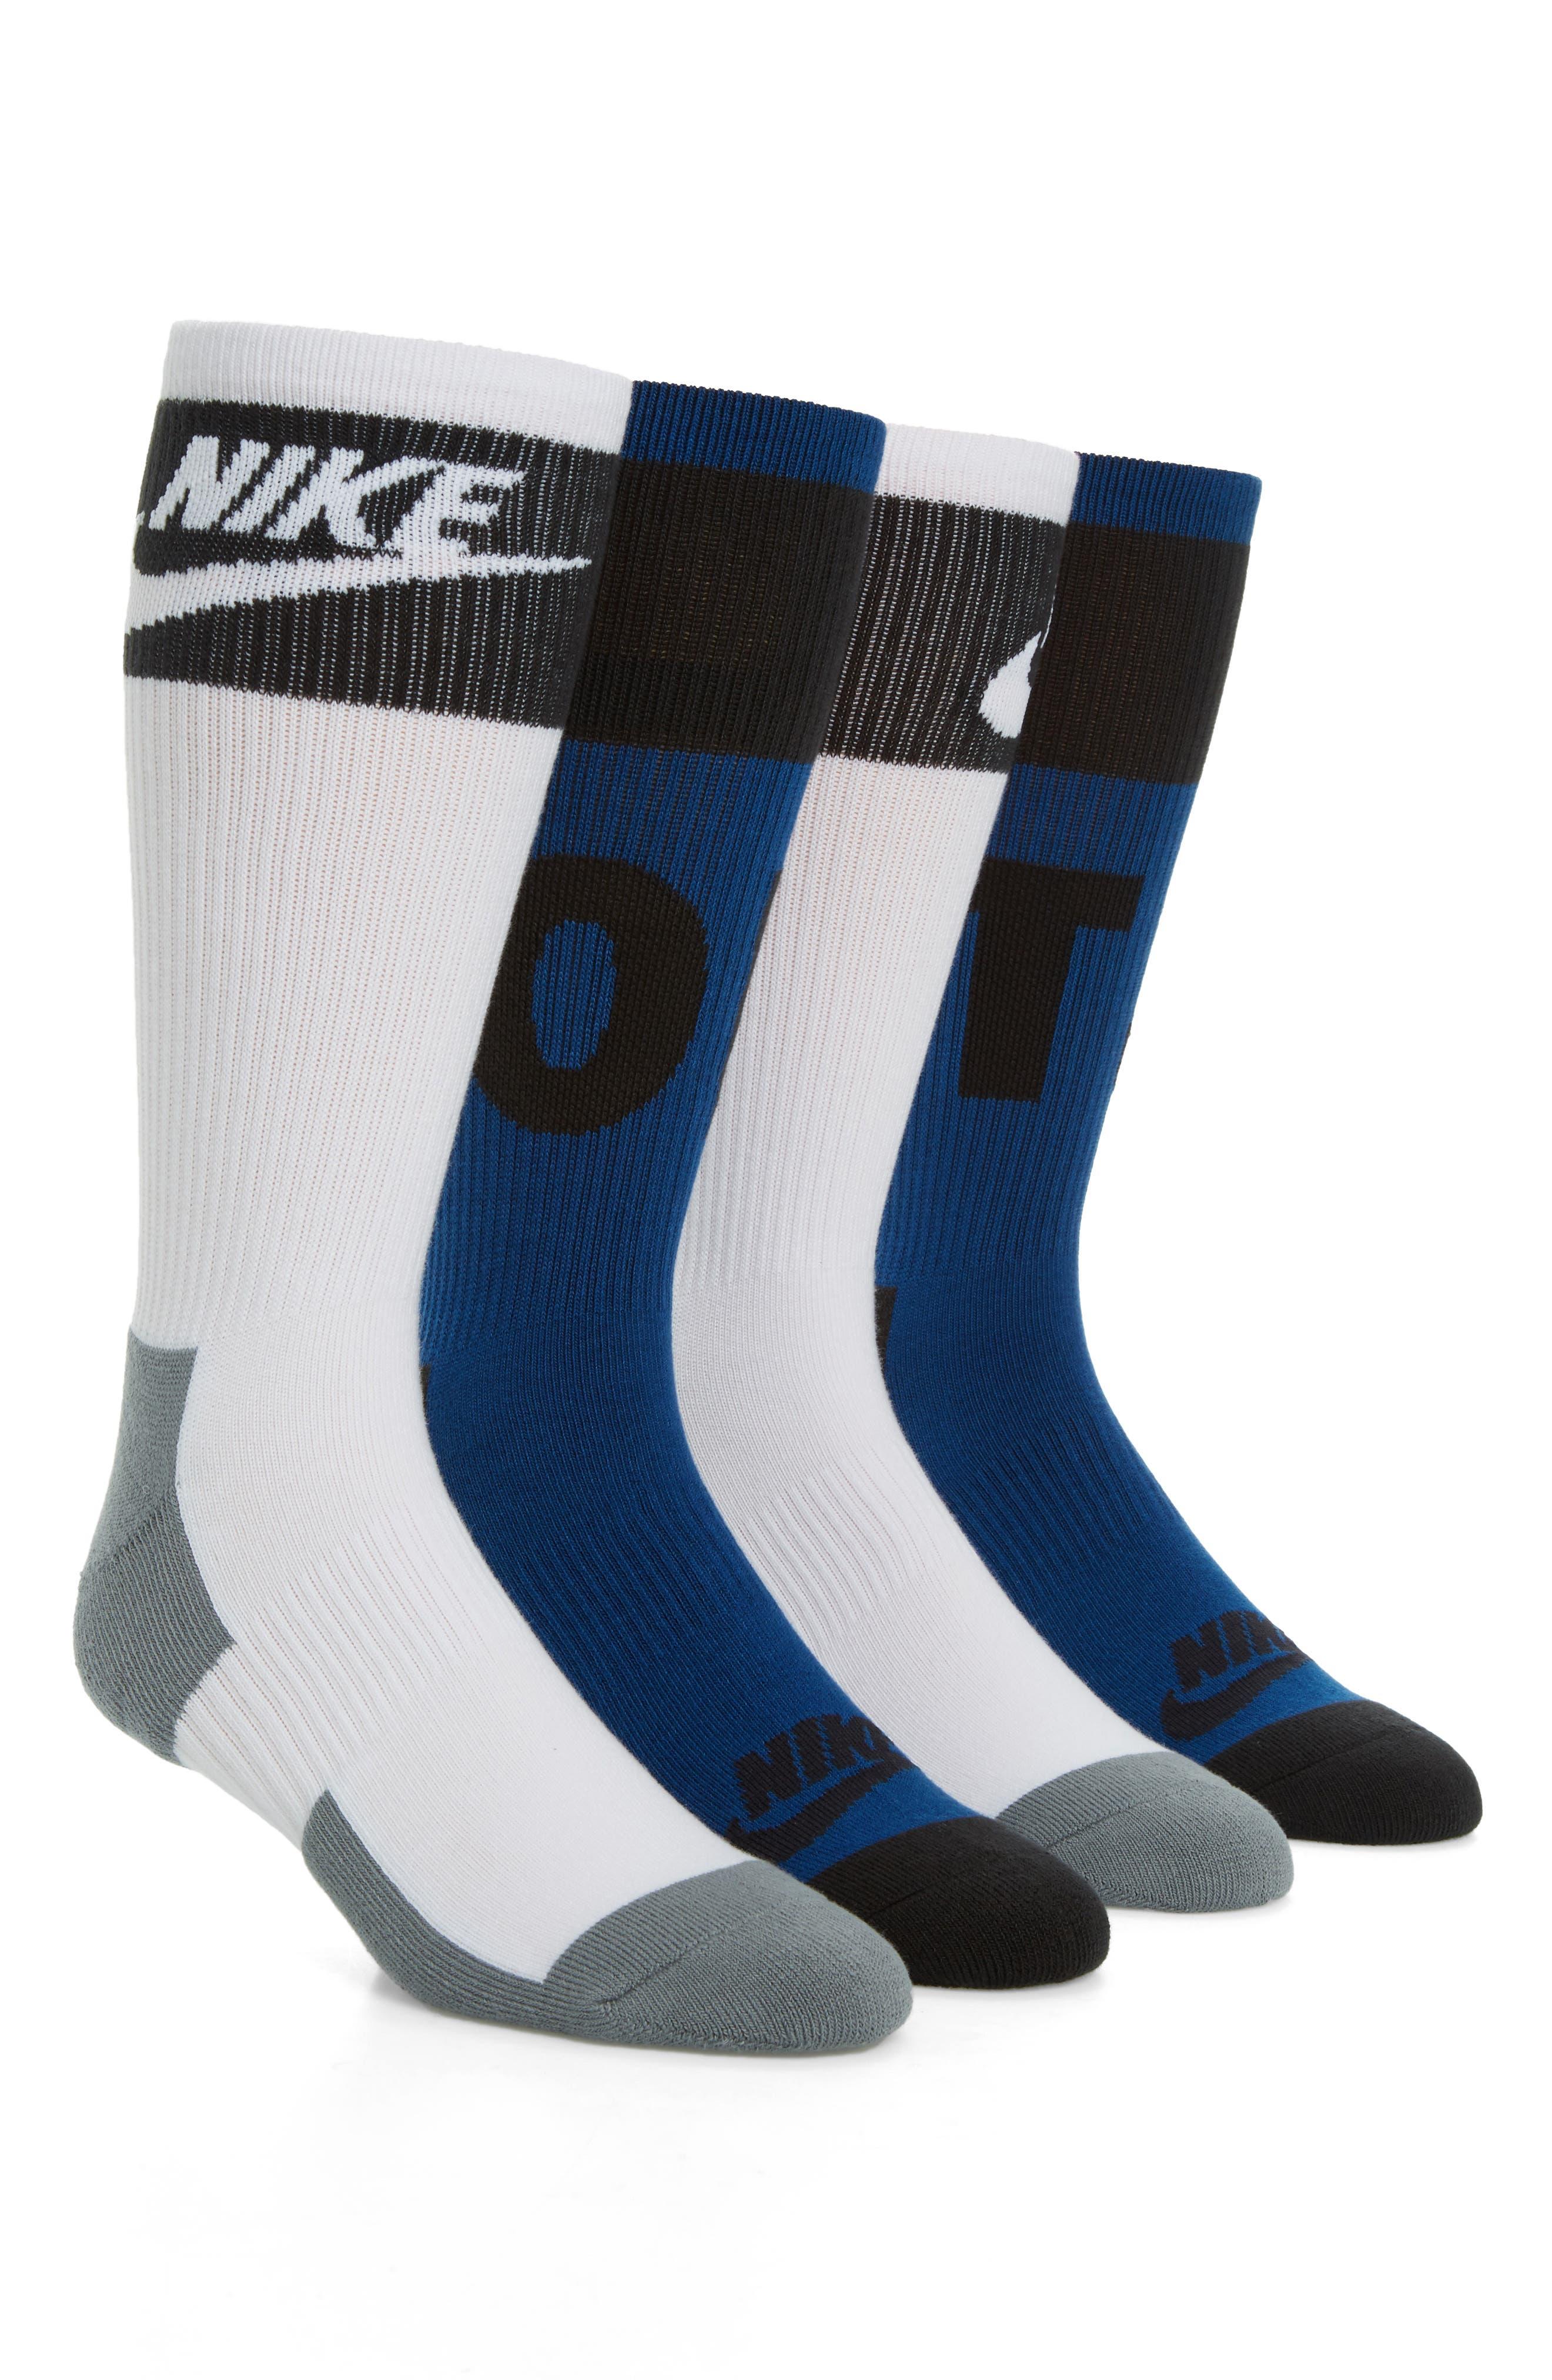 HBR 2-Pack Socks,                         Main,                         color, Binary Blue/ White